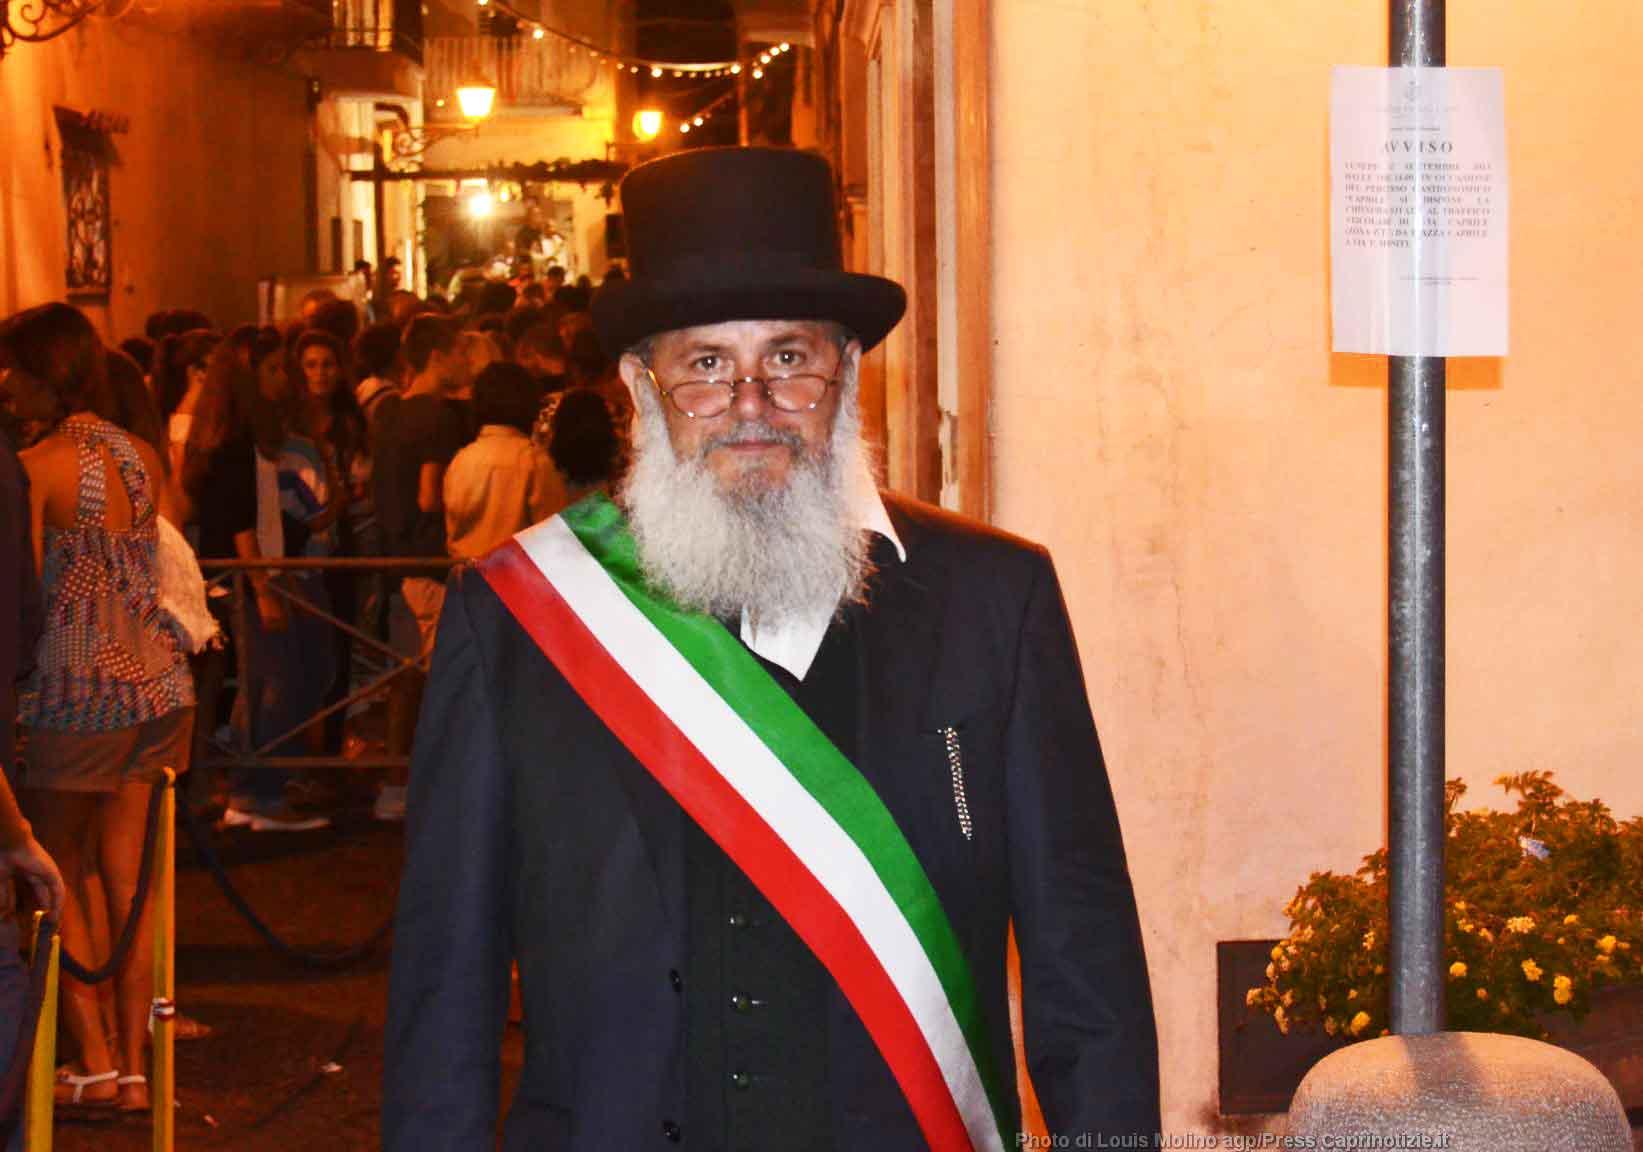 DSC_0002Settembrata 2013 sfilata ®foto di Louis Molino